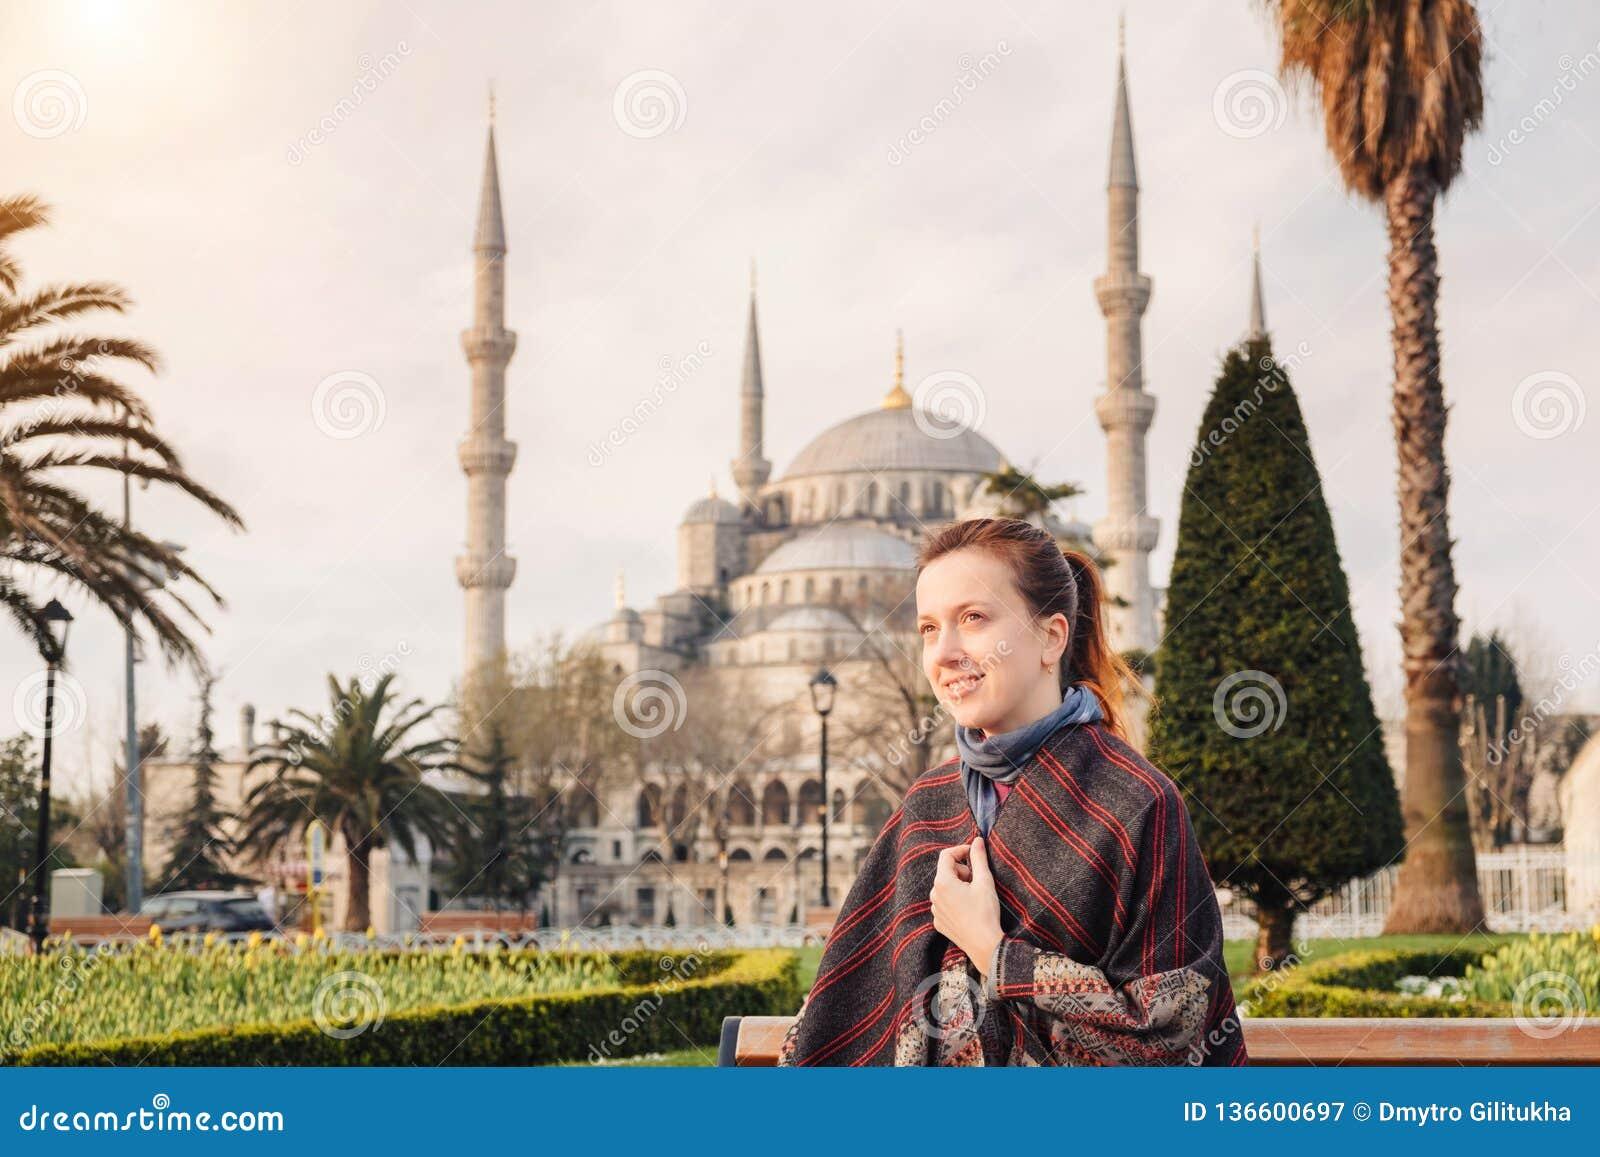 Γυναίκα που ταξιδεύει στη Ιστανμπούλ κοντά στο μουσουλμανικό τέμενος της Aya Sofia, Τουρκία